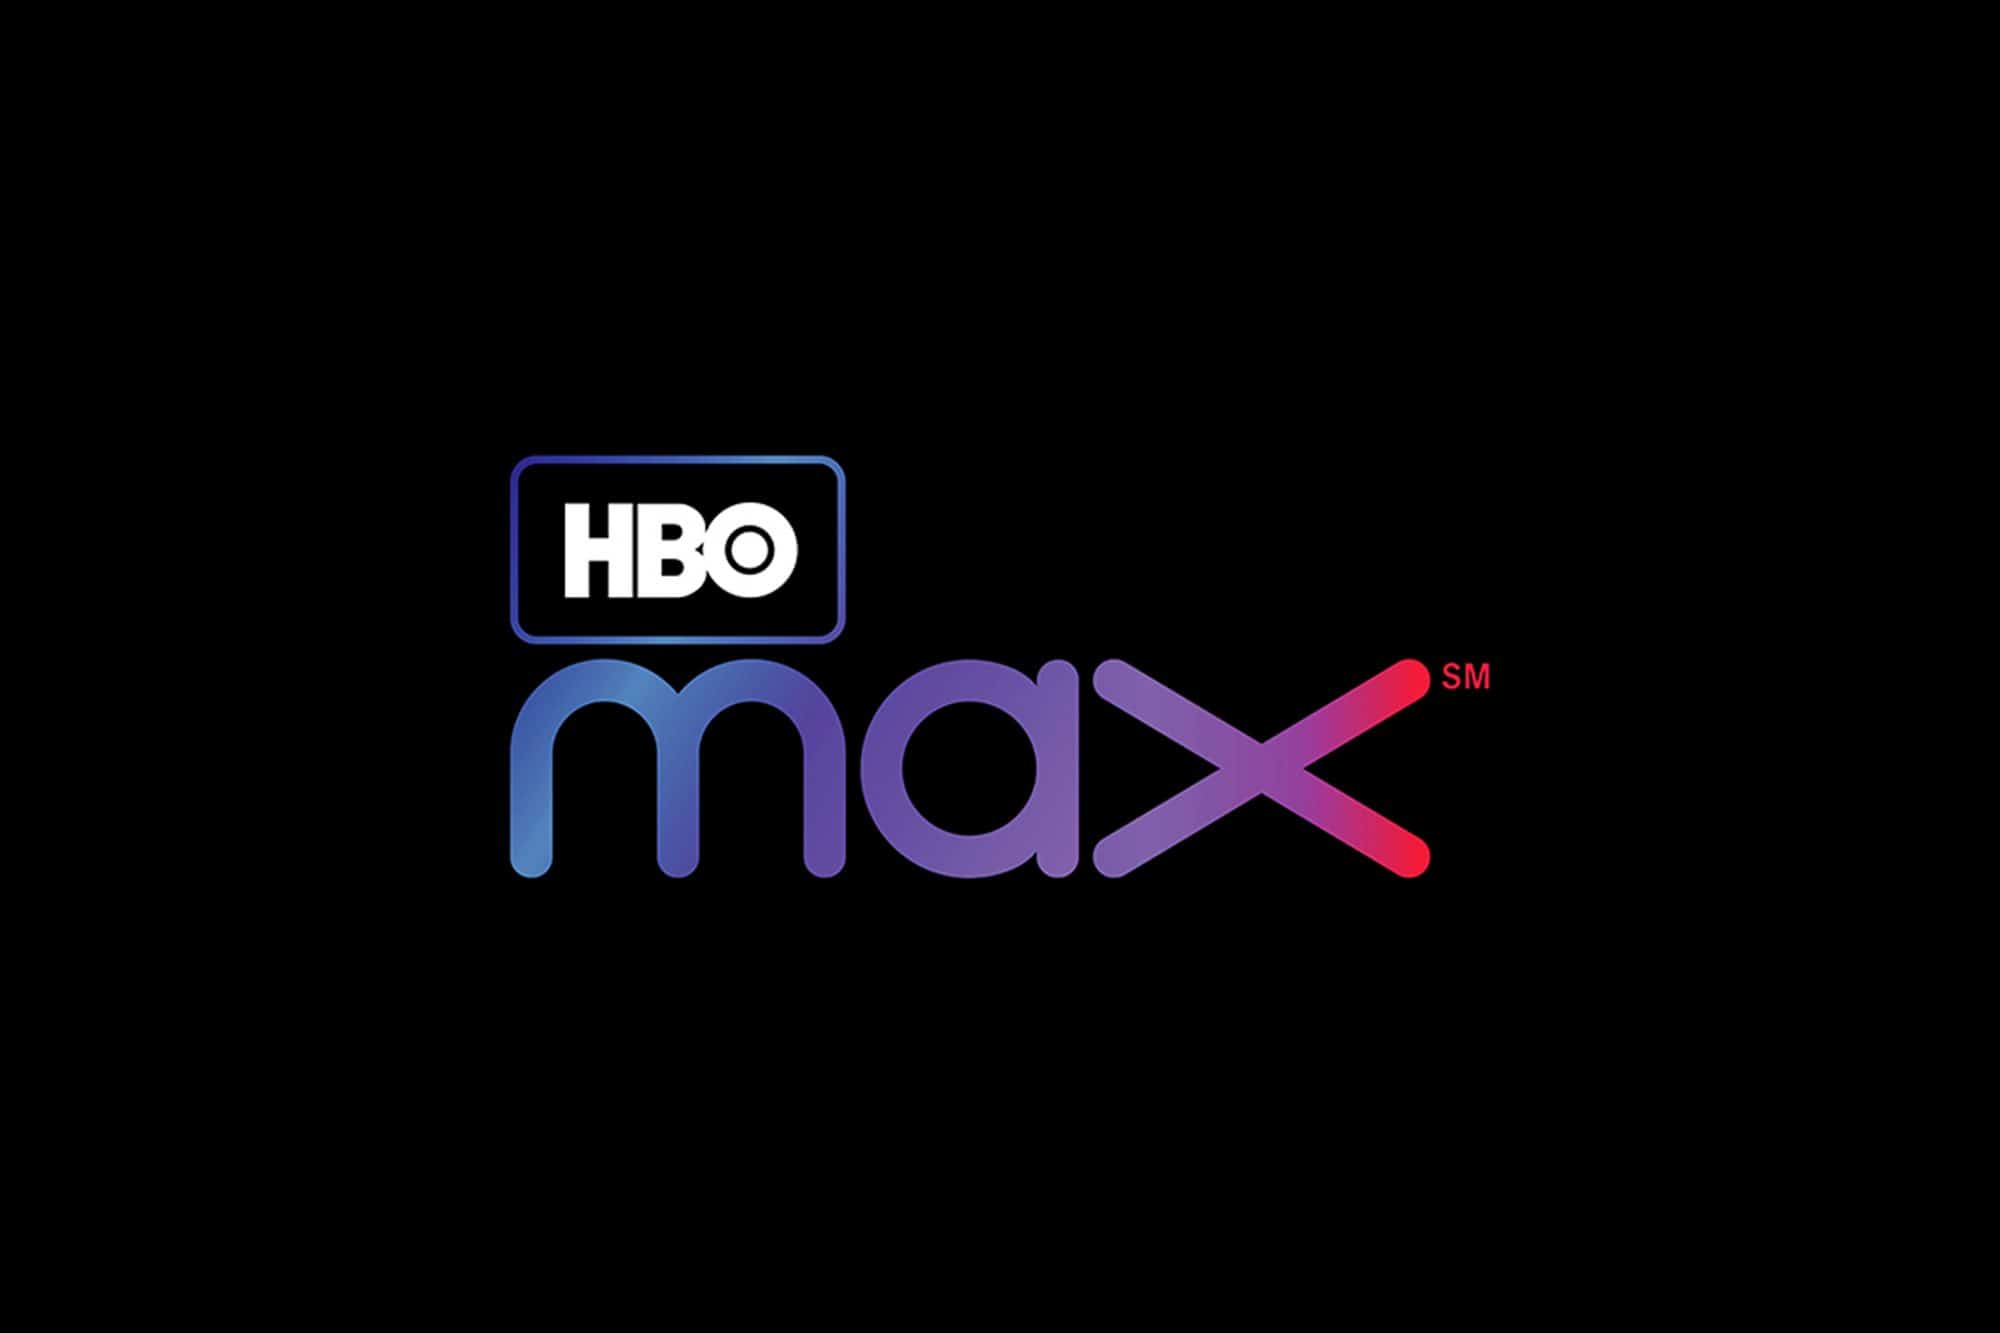 Rivelata la data di lancio di HBO Max thumbnail